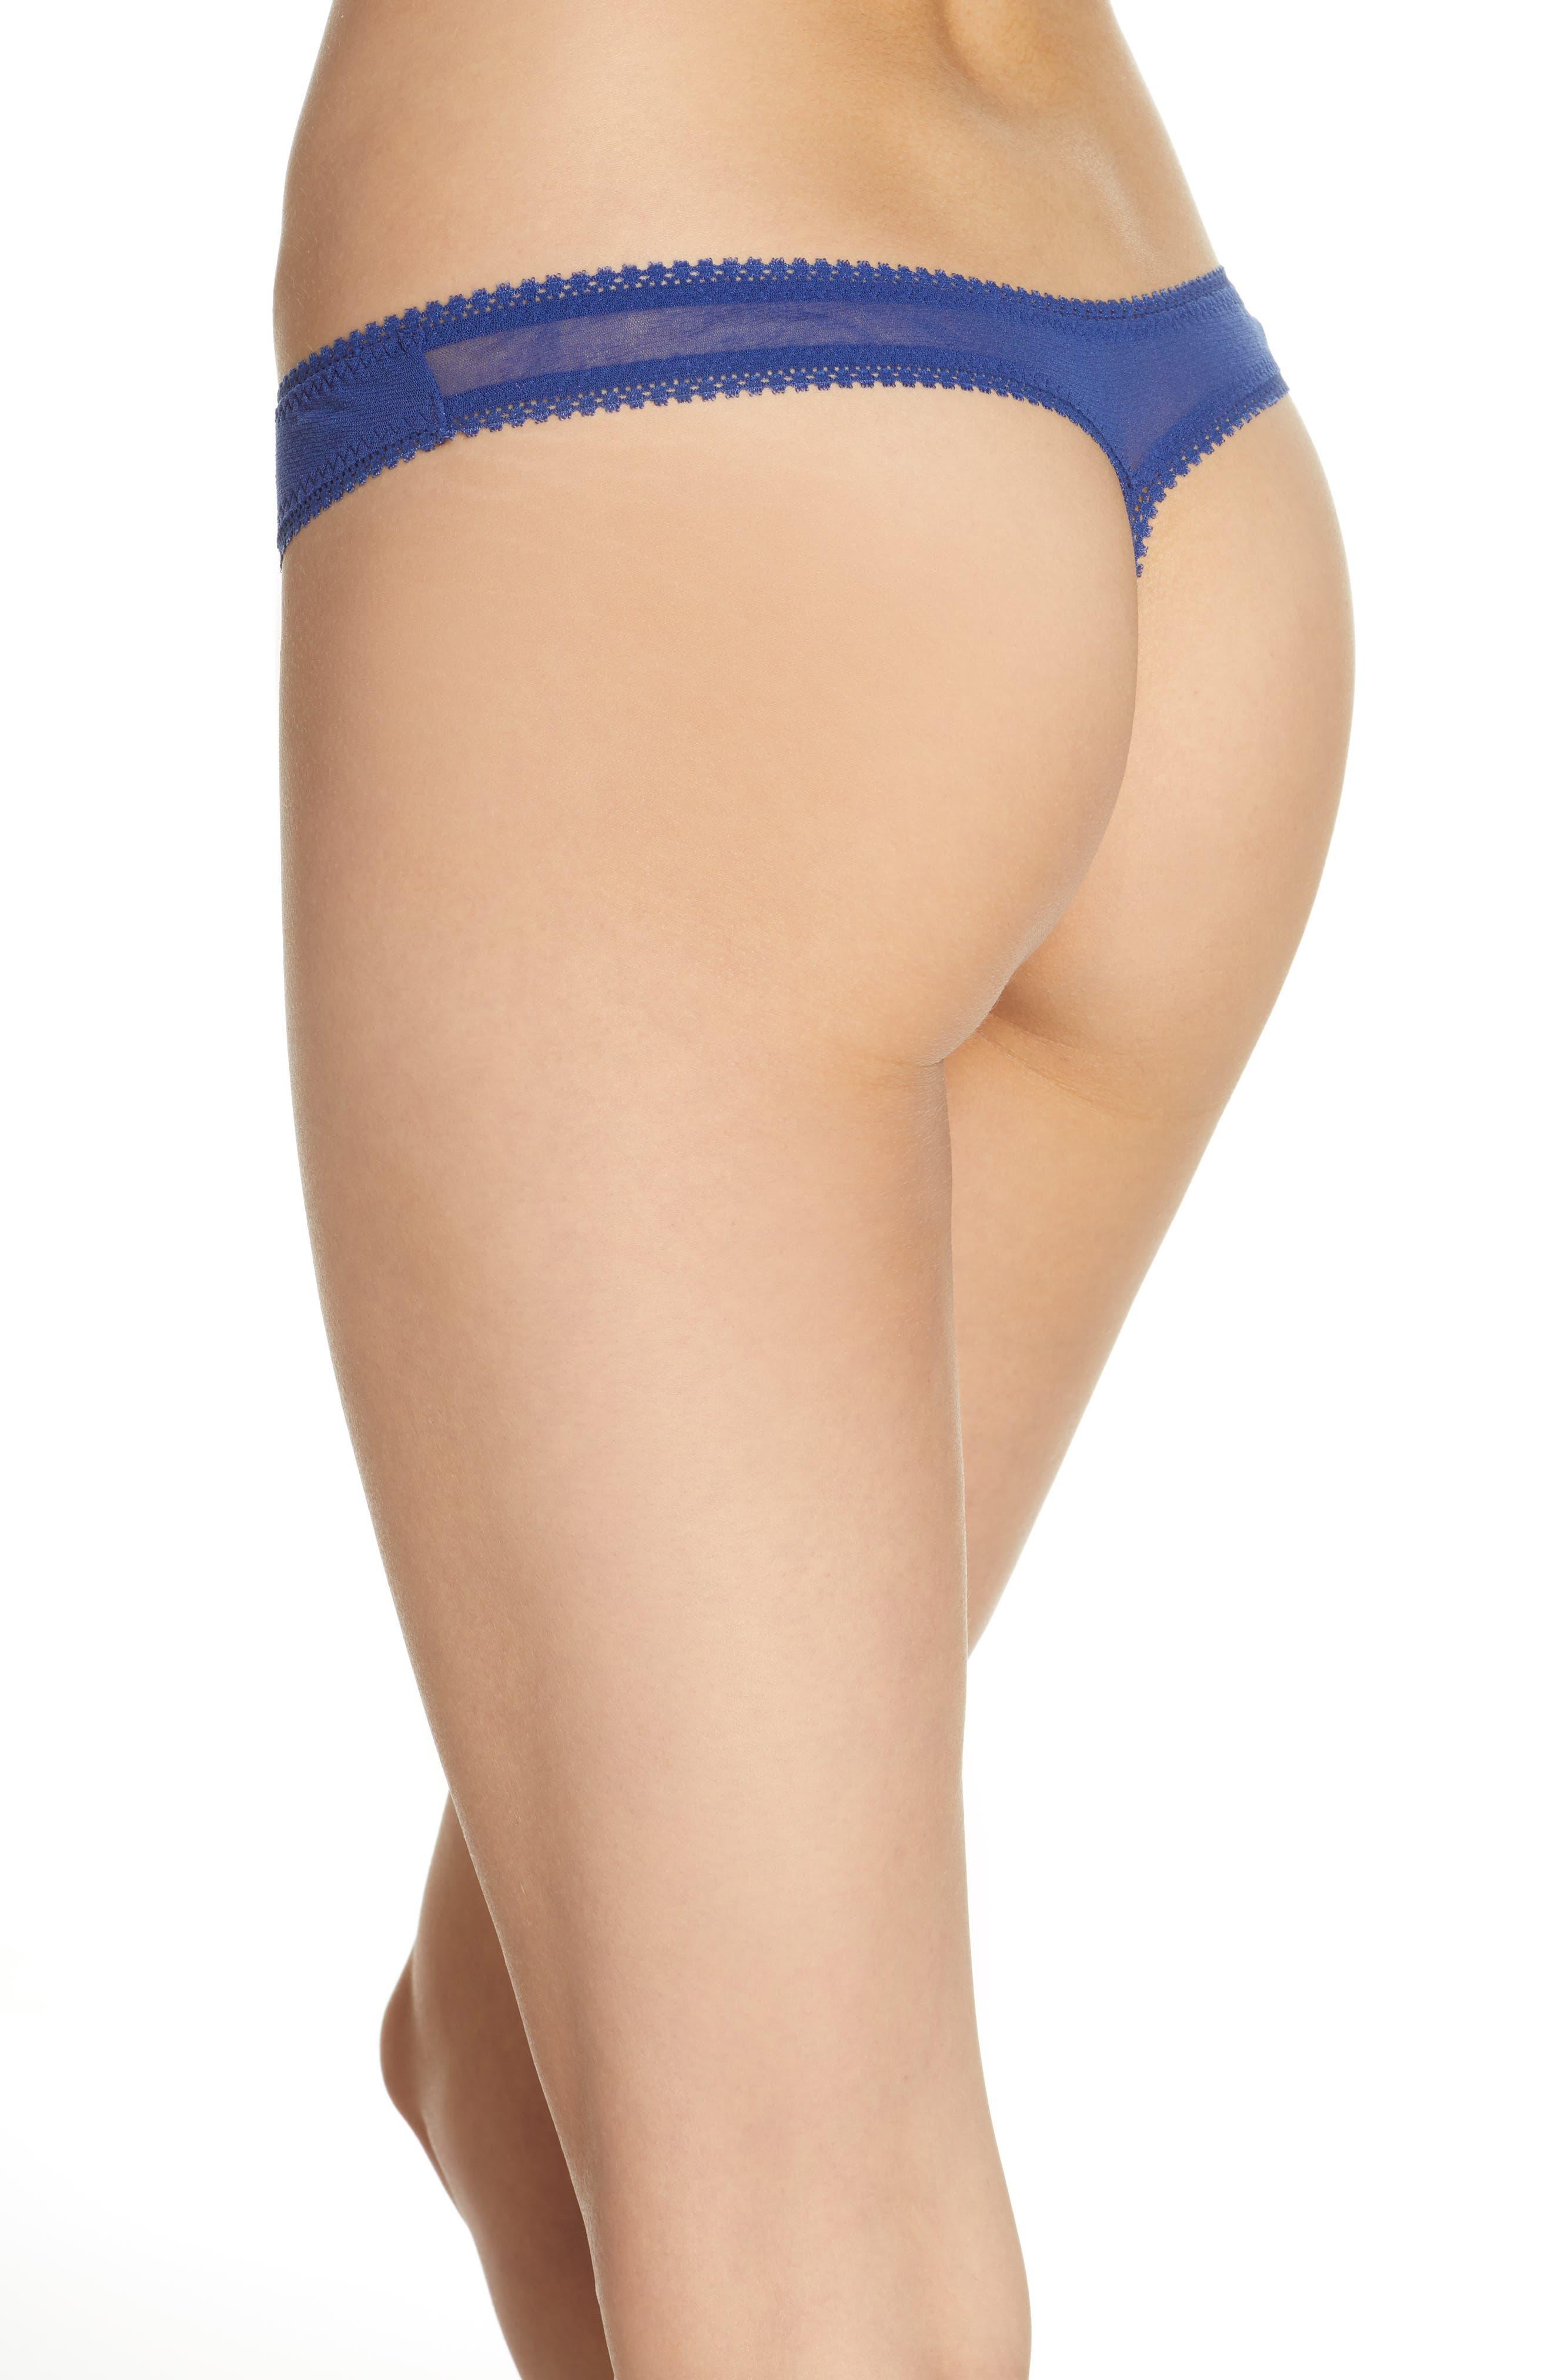 2350399cb8b859 Women's Panties Lingerie, Hosiery & Shapewear | Nordstrom